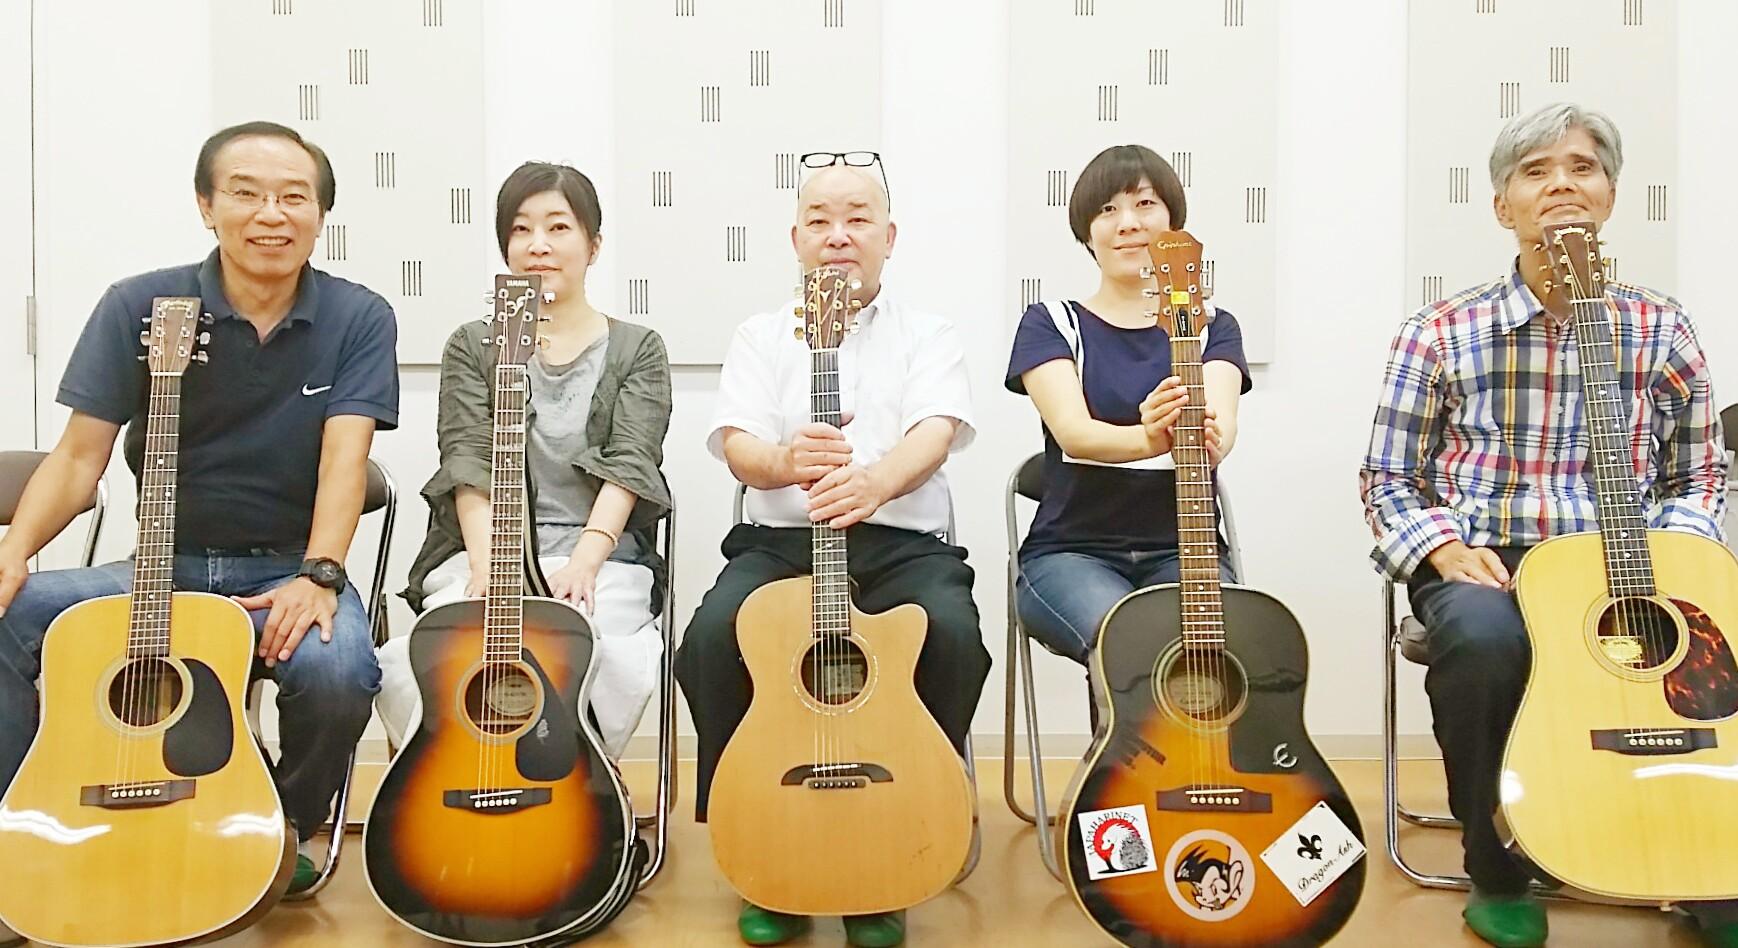 体験:ギターの無料レンタルあり! まる先生のフォークギター・1日体験教室 6月